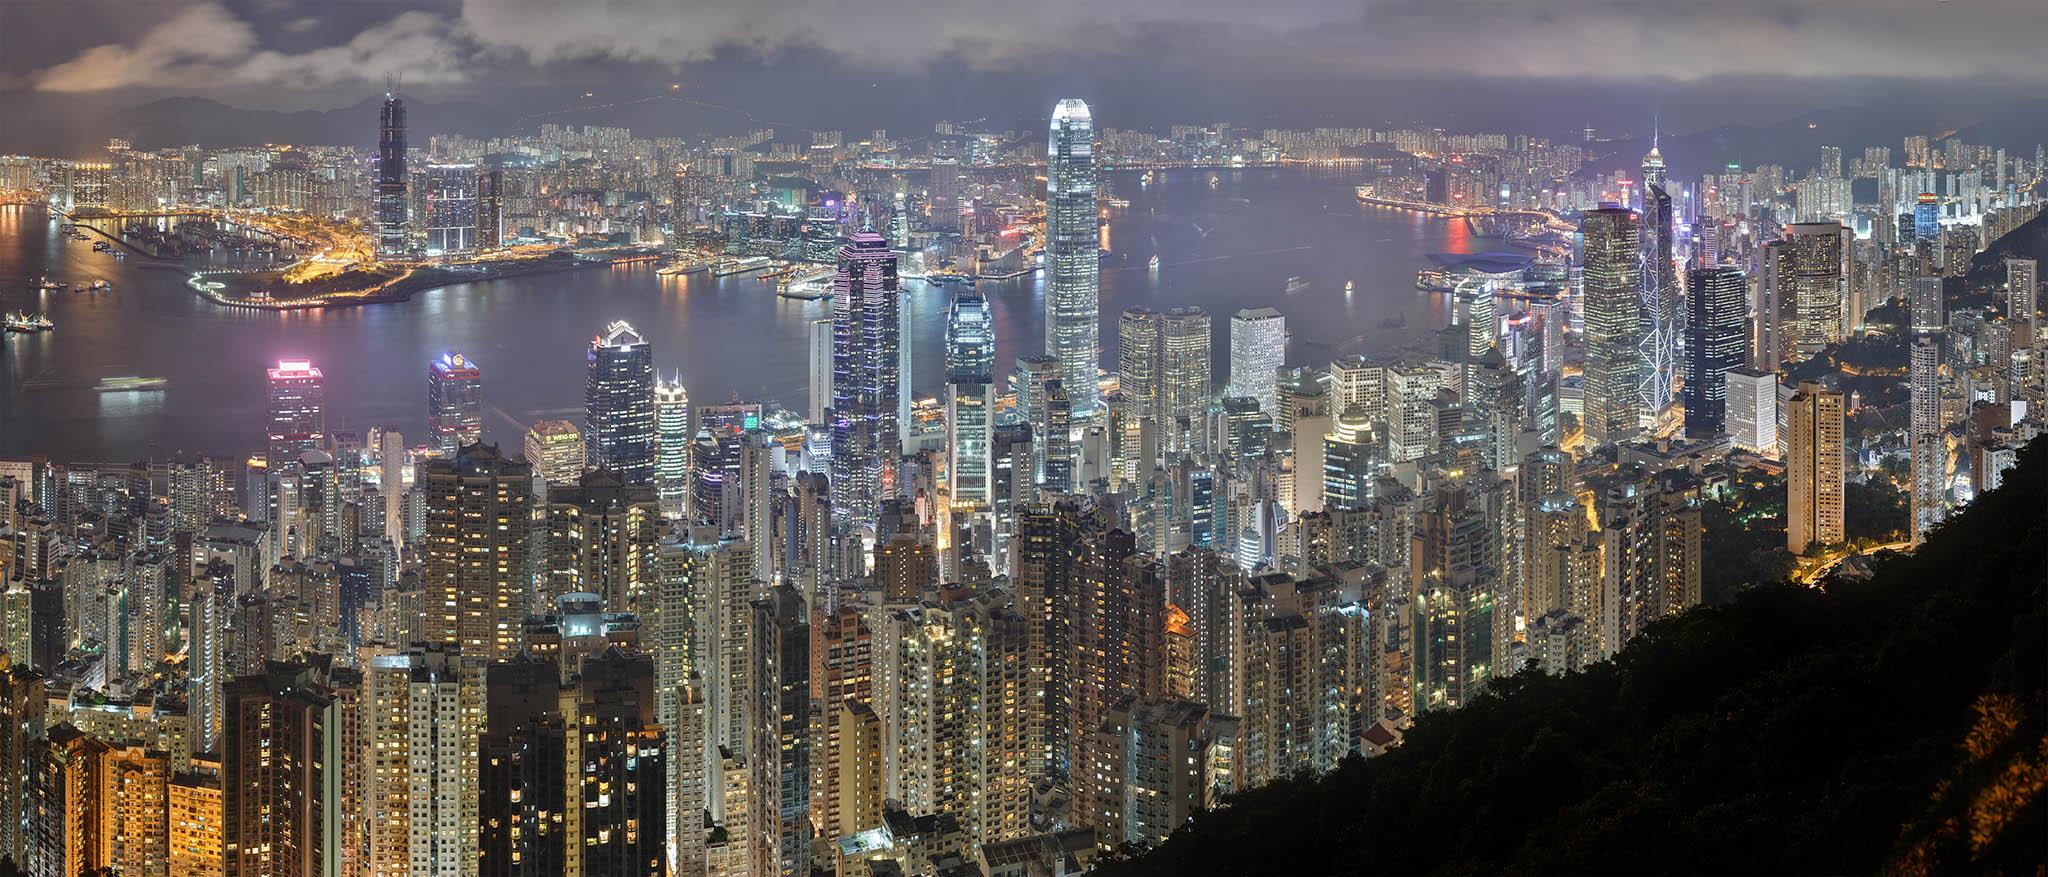 Terrorismo | Hong Kong em alerta devido a potencial ameaça de 'lobos solitários'